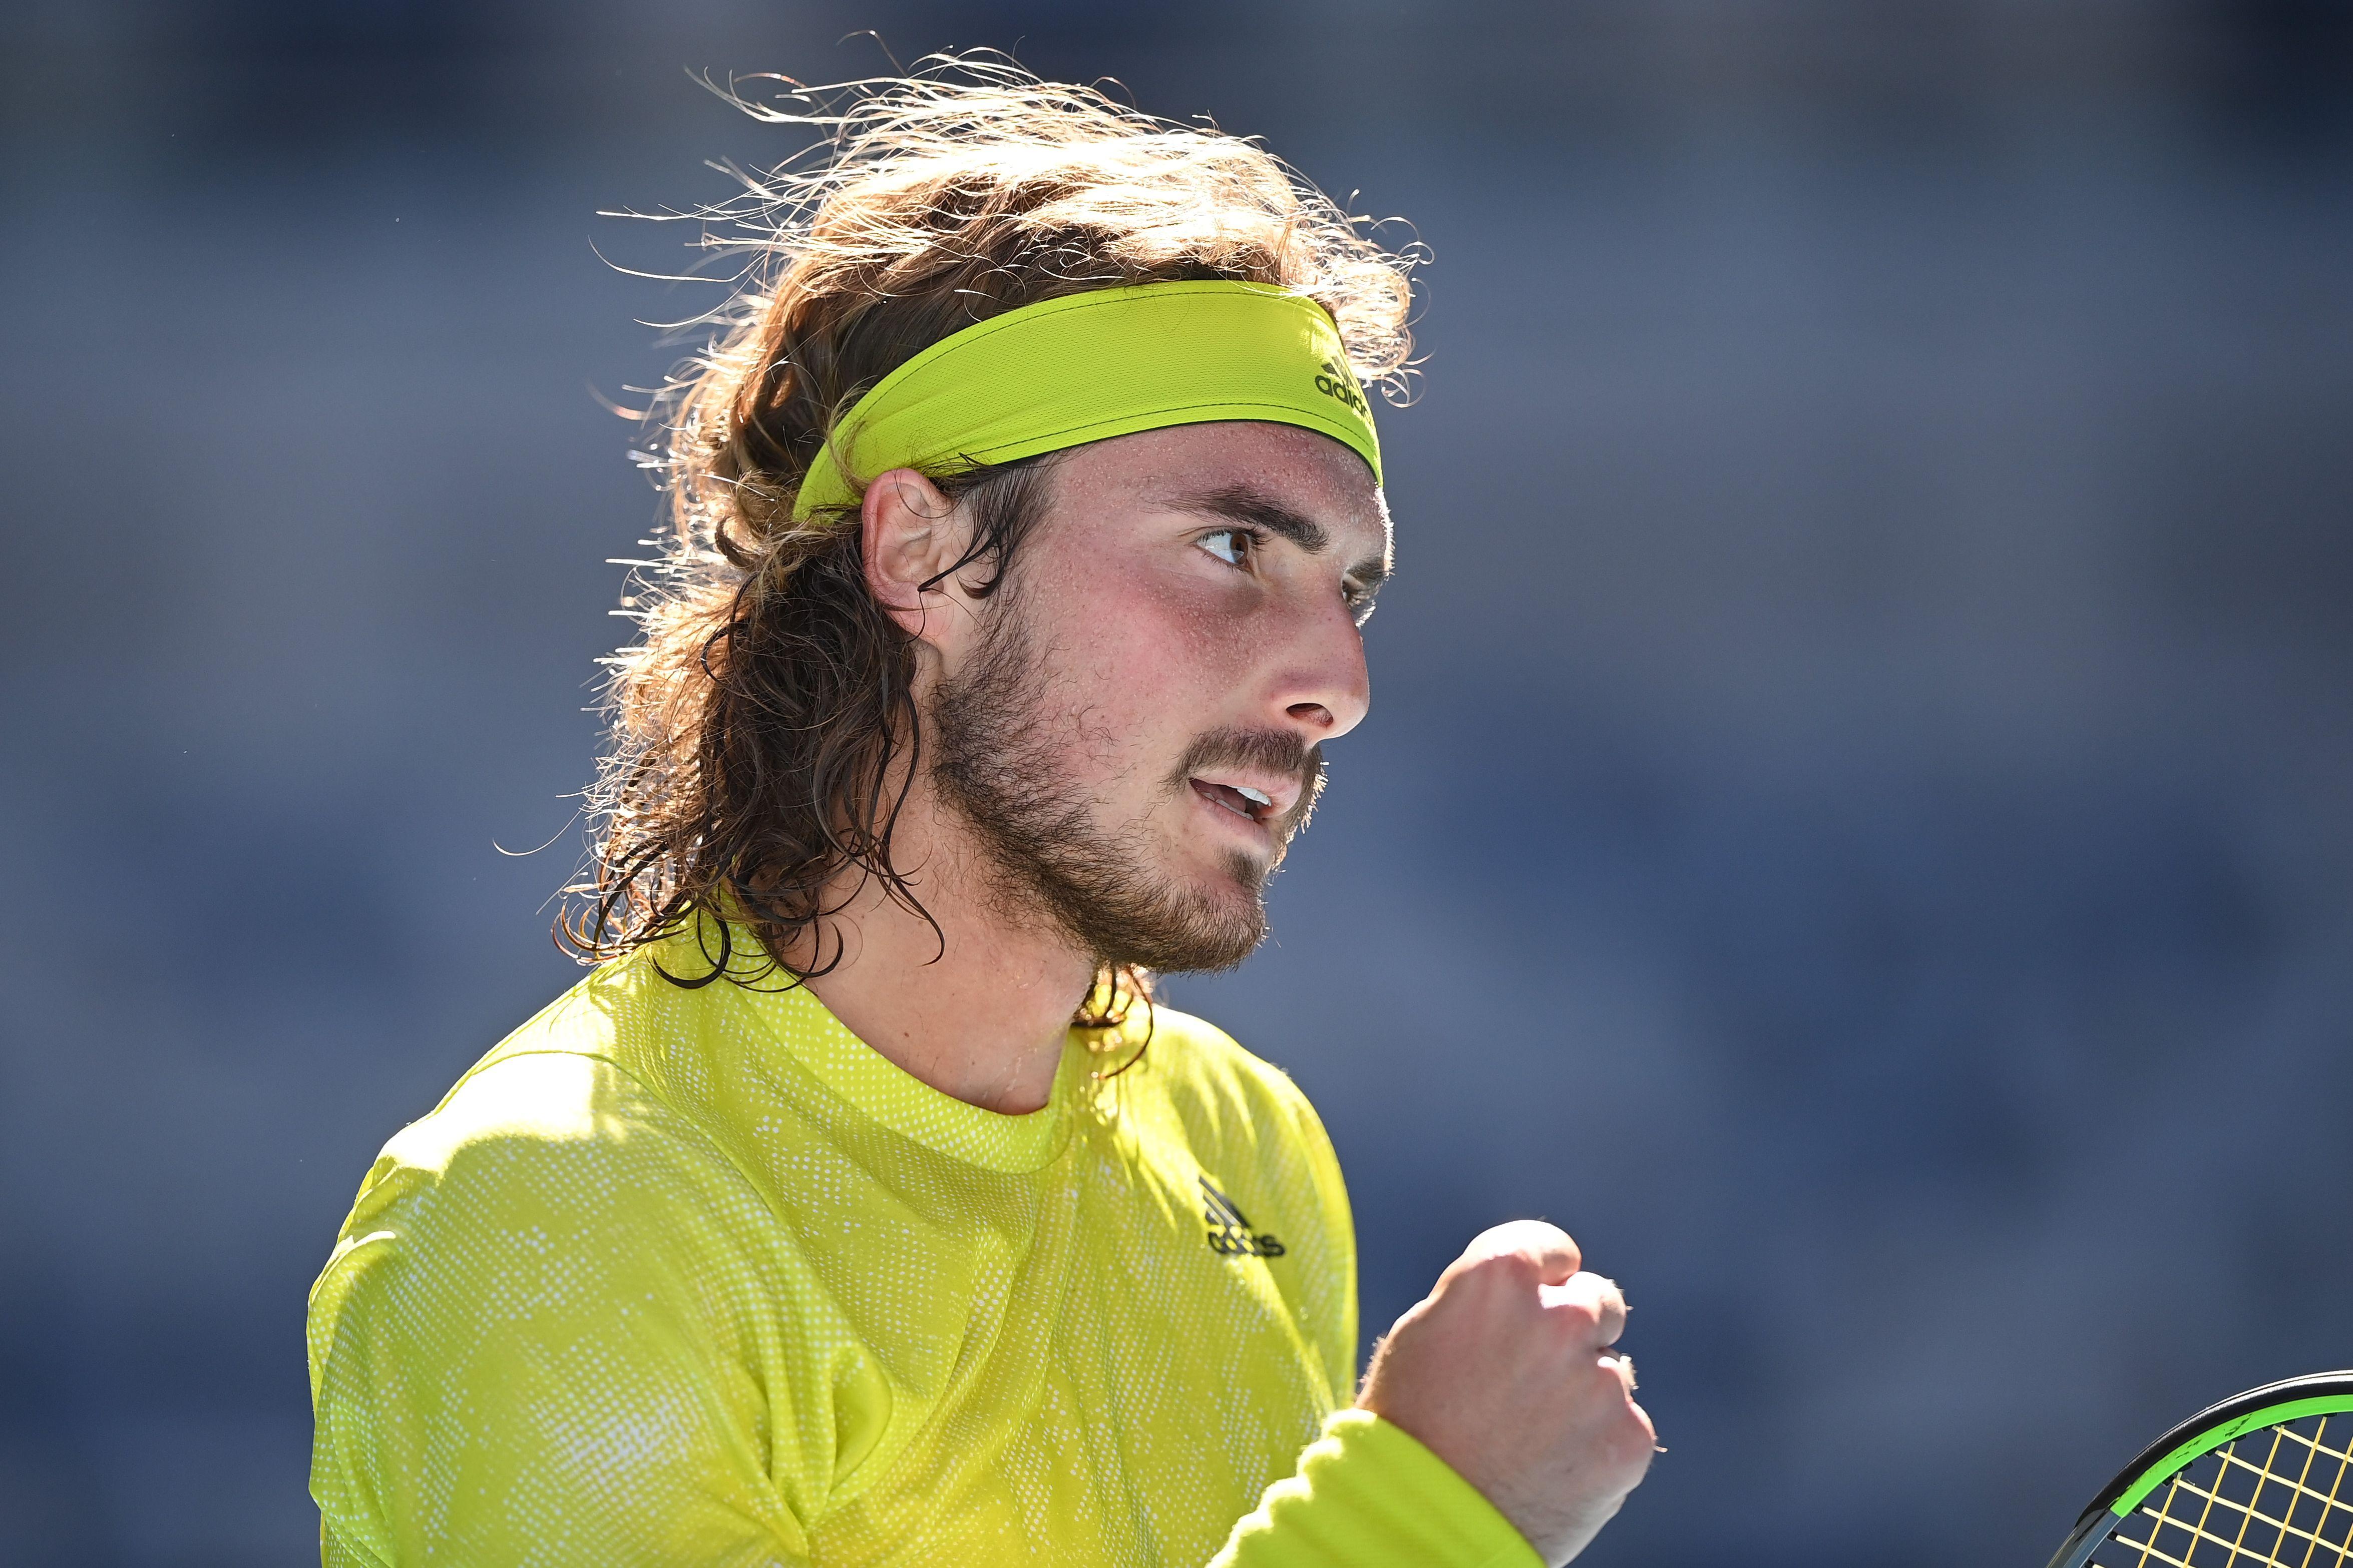 Циципас будет соперником Медведева в полуфинале Australian Open. В 1/4 финала грек обыграл Надаля